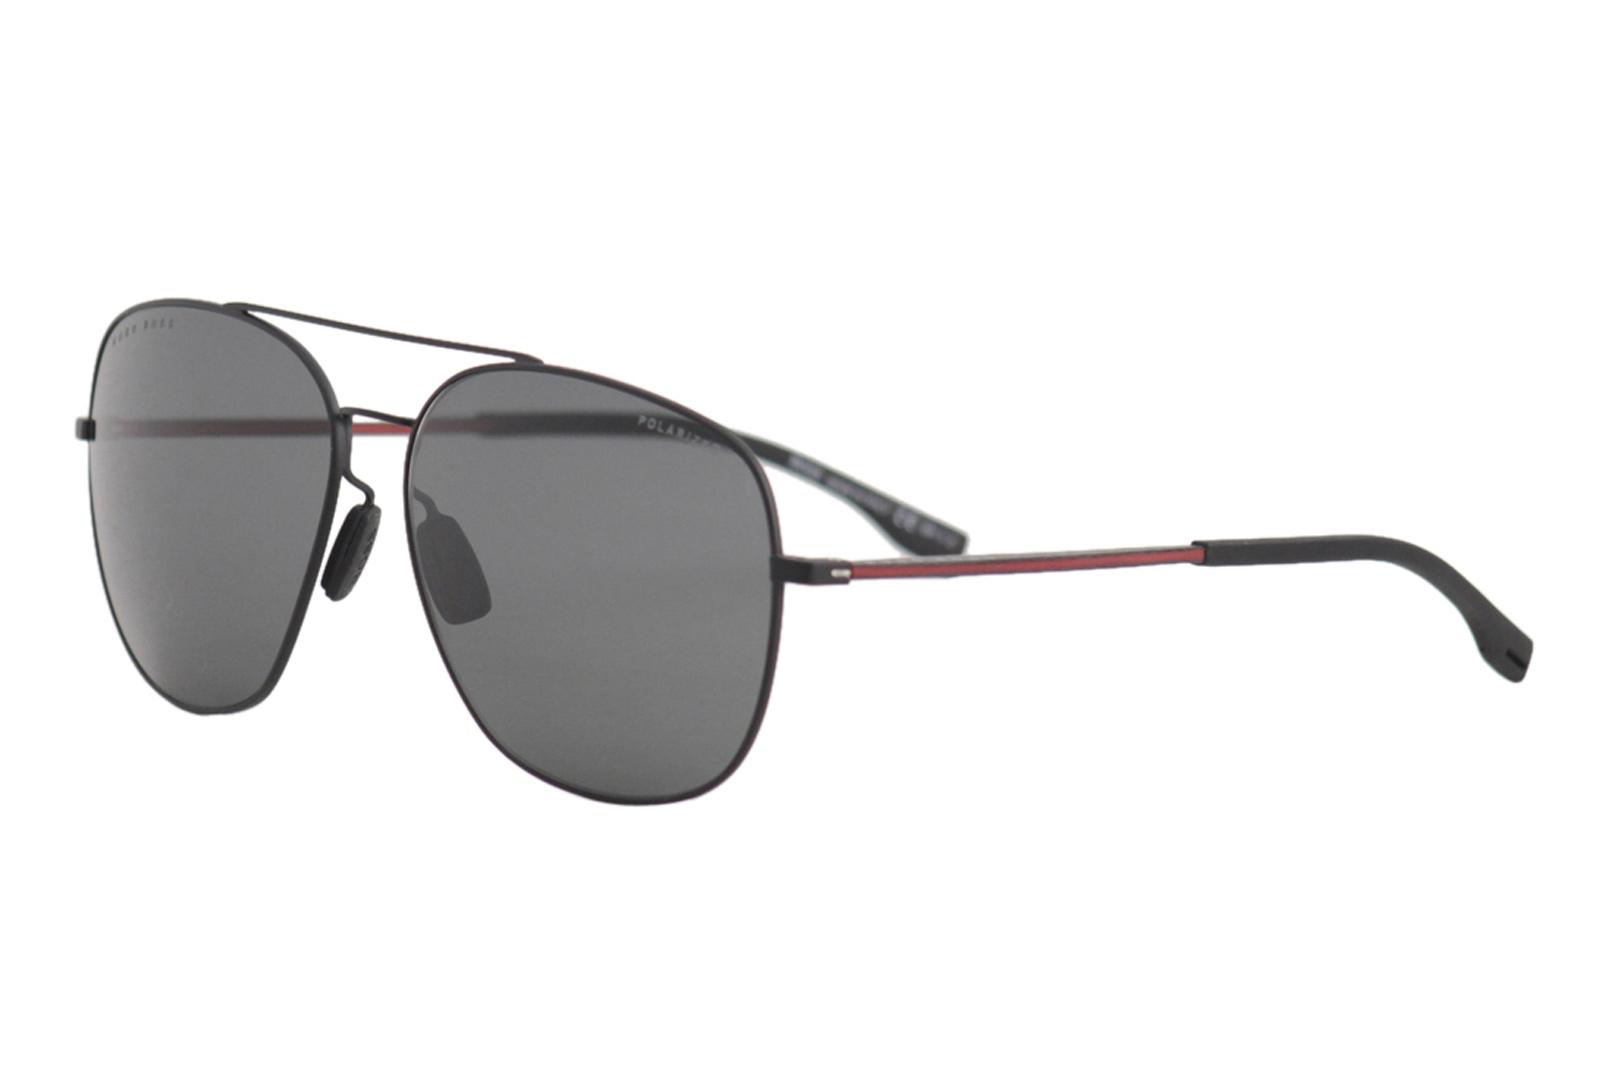 0eef4d9036a Details about Hugo Boss 1032FS 1032 F S 003M9 Matte Black Pilot Polarized  Sunglasses 62mm